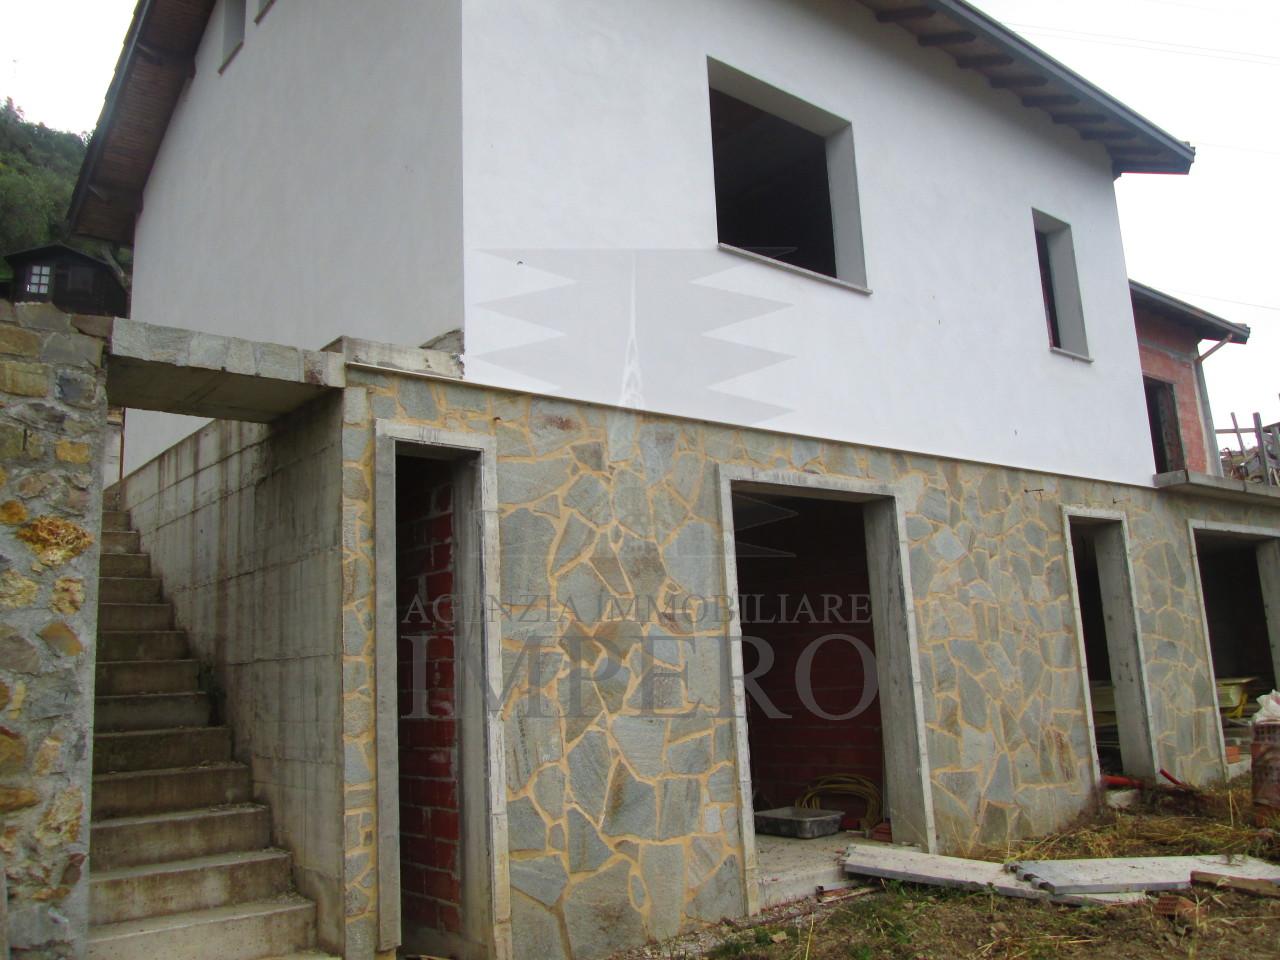 Soluzione Indipendente in vendita a Soldano, 5 locali, prezzo € 390.000   PortaleAgenzieImmobiliari.it